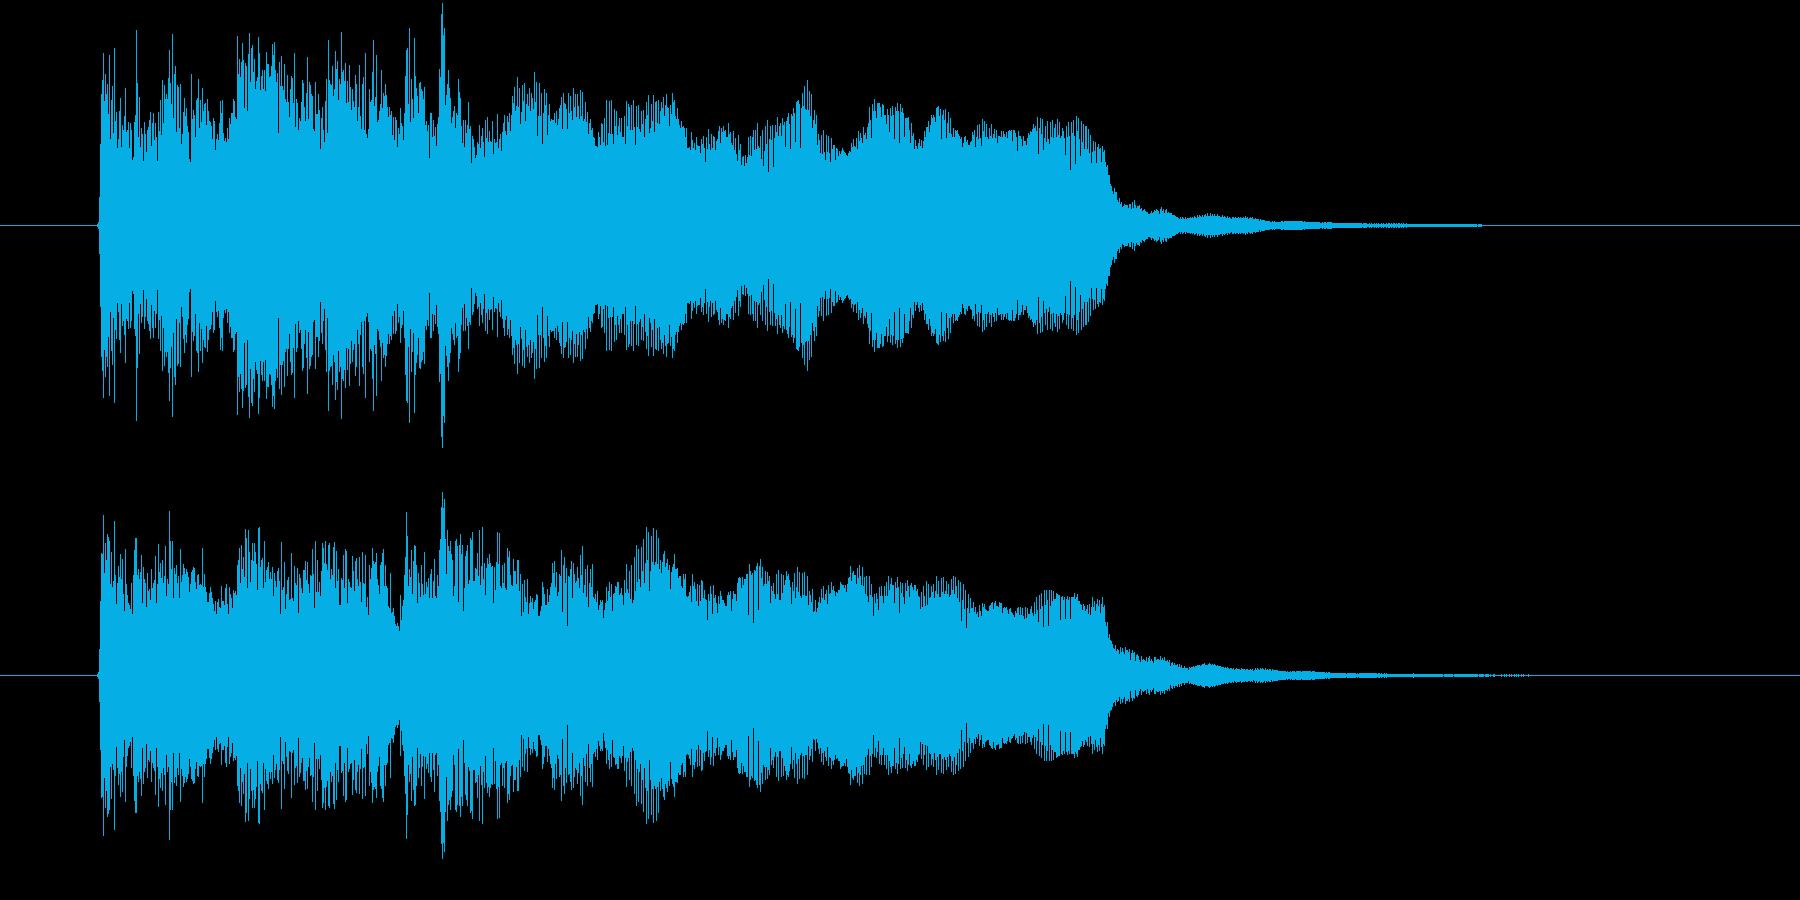 アップテンポなオーケストラ音楽の再生済みの波形